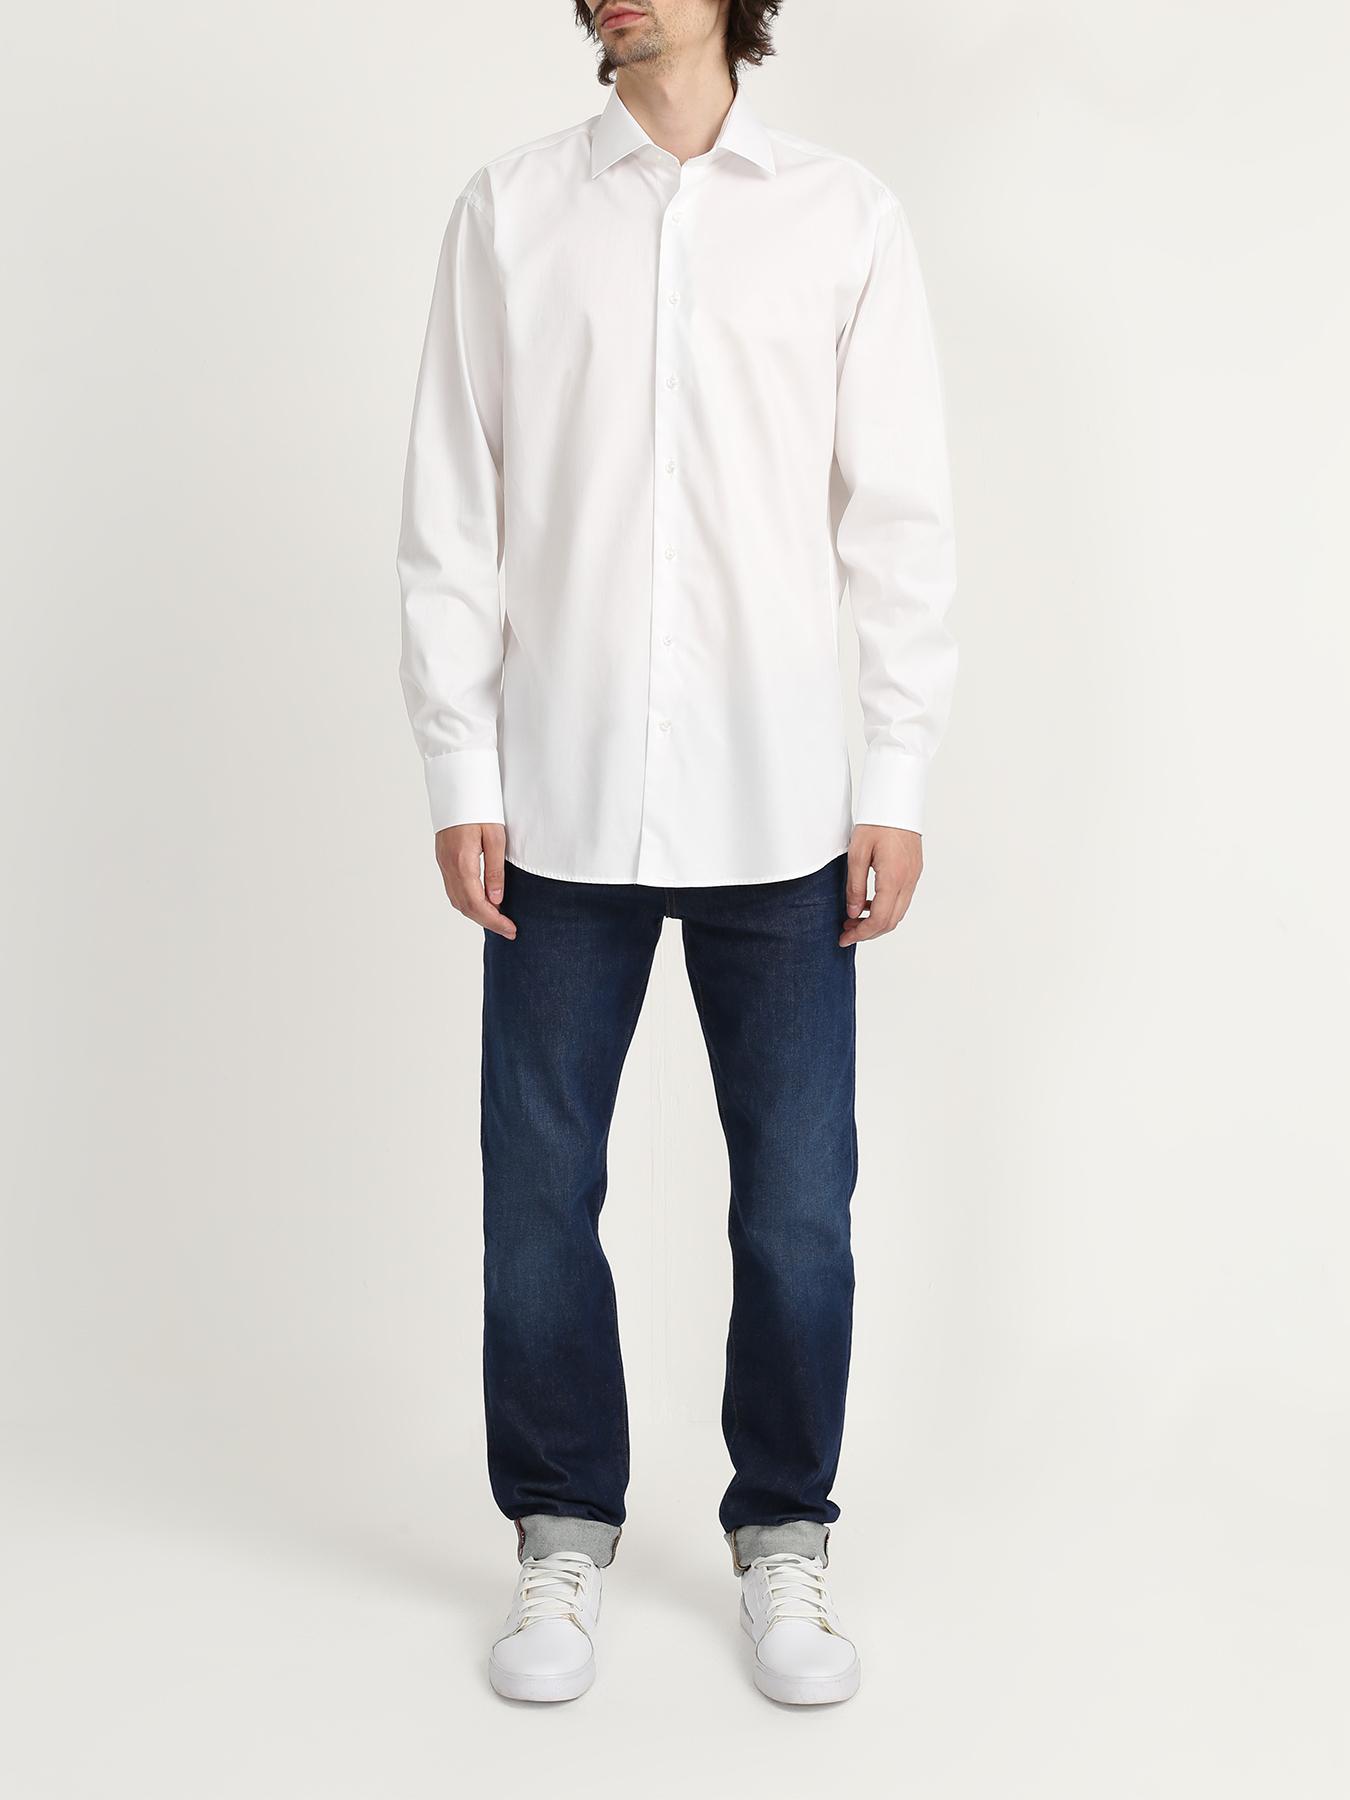 Рубашка Ritter Хлопковая рубашка с длинным рукавом рубашка с длинным рукавом для деловых людей весенняя осень твердый цвет silm fit